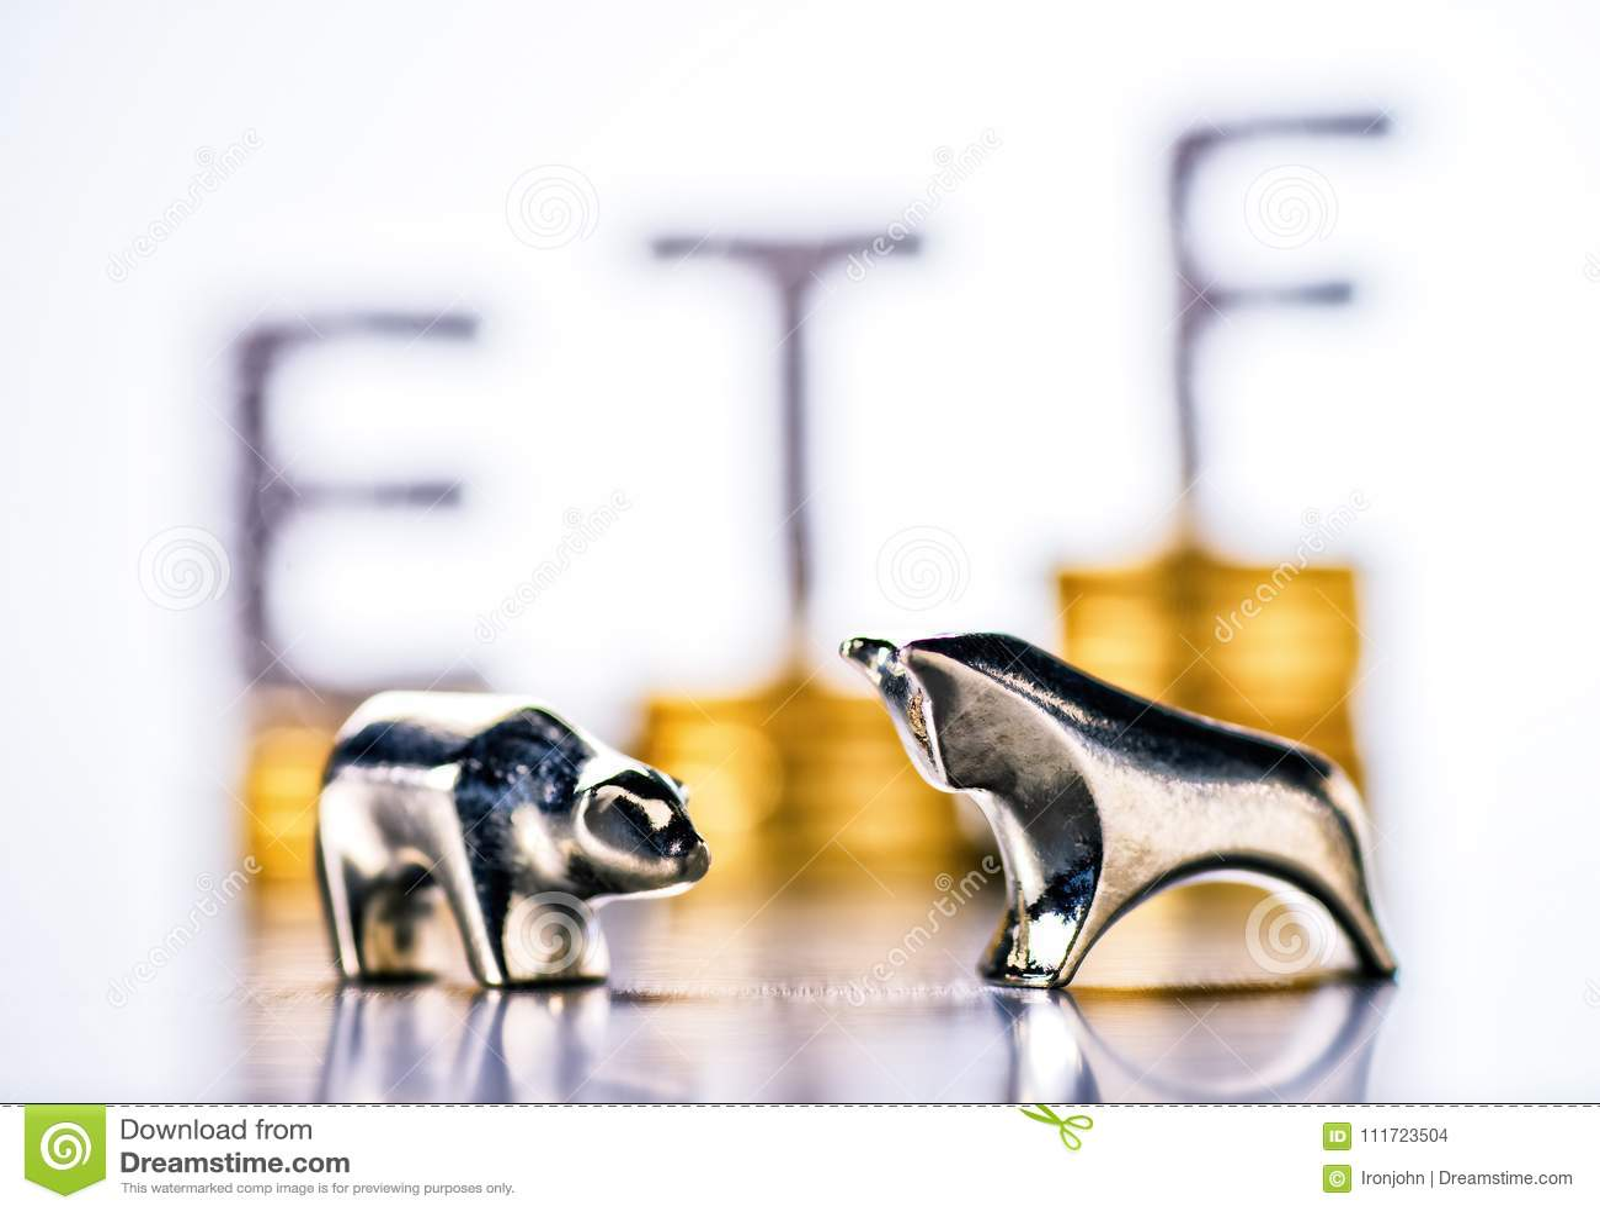 Sucesso na bolsa de valores com ETF